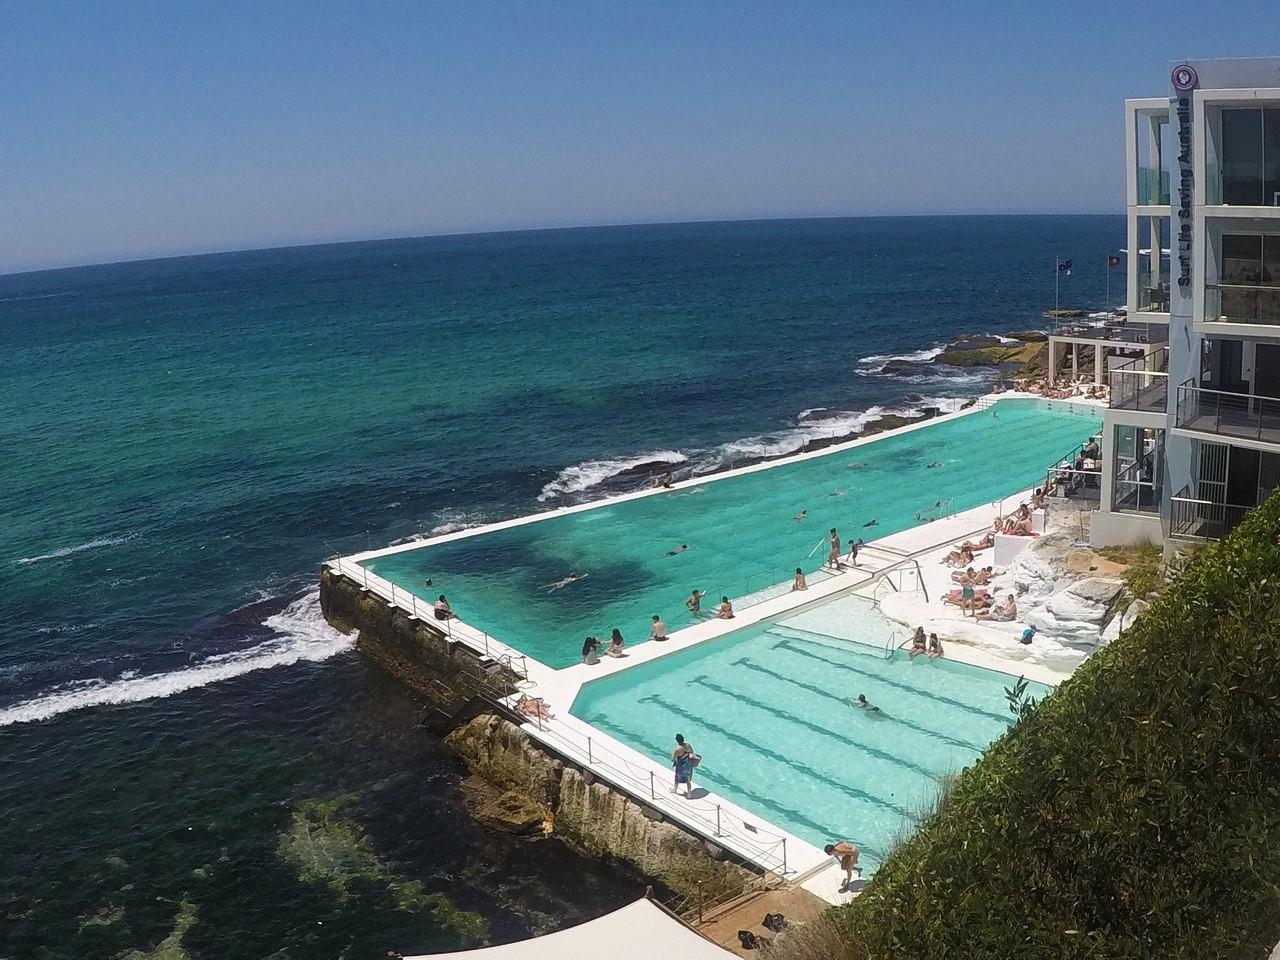 En las piscinas de agua salada de Sydney no hay peligro de tiburones.